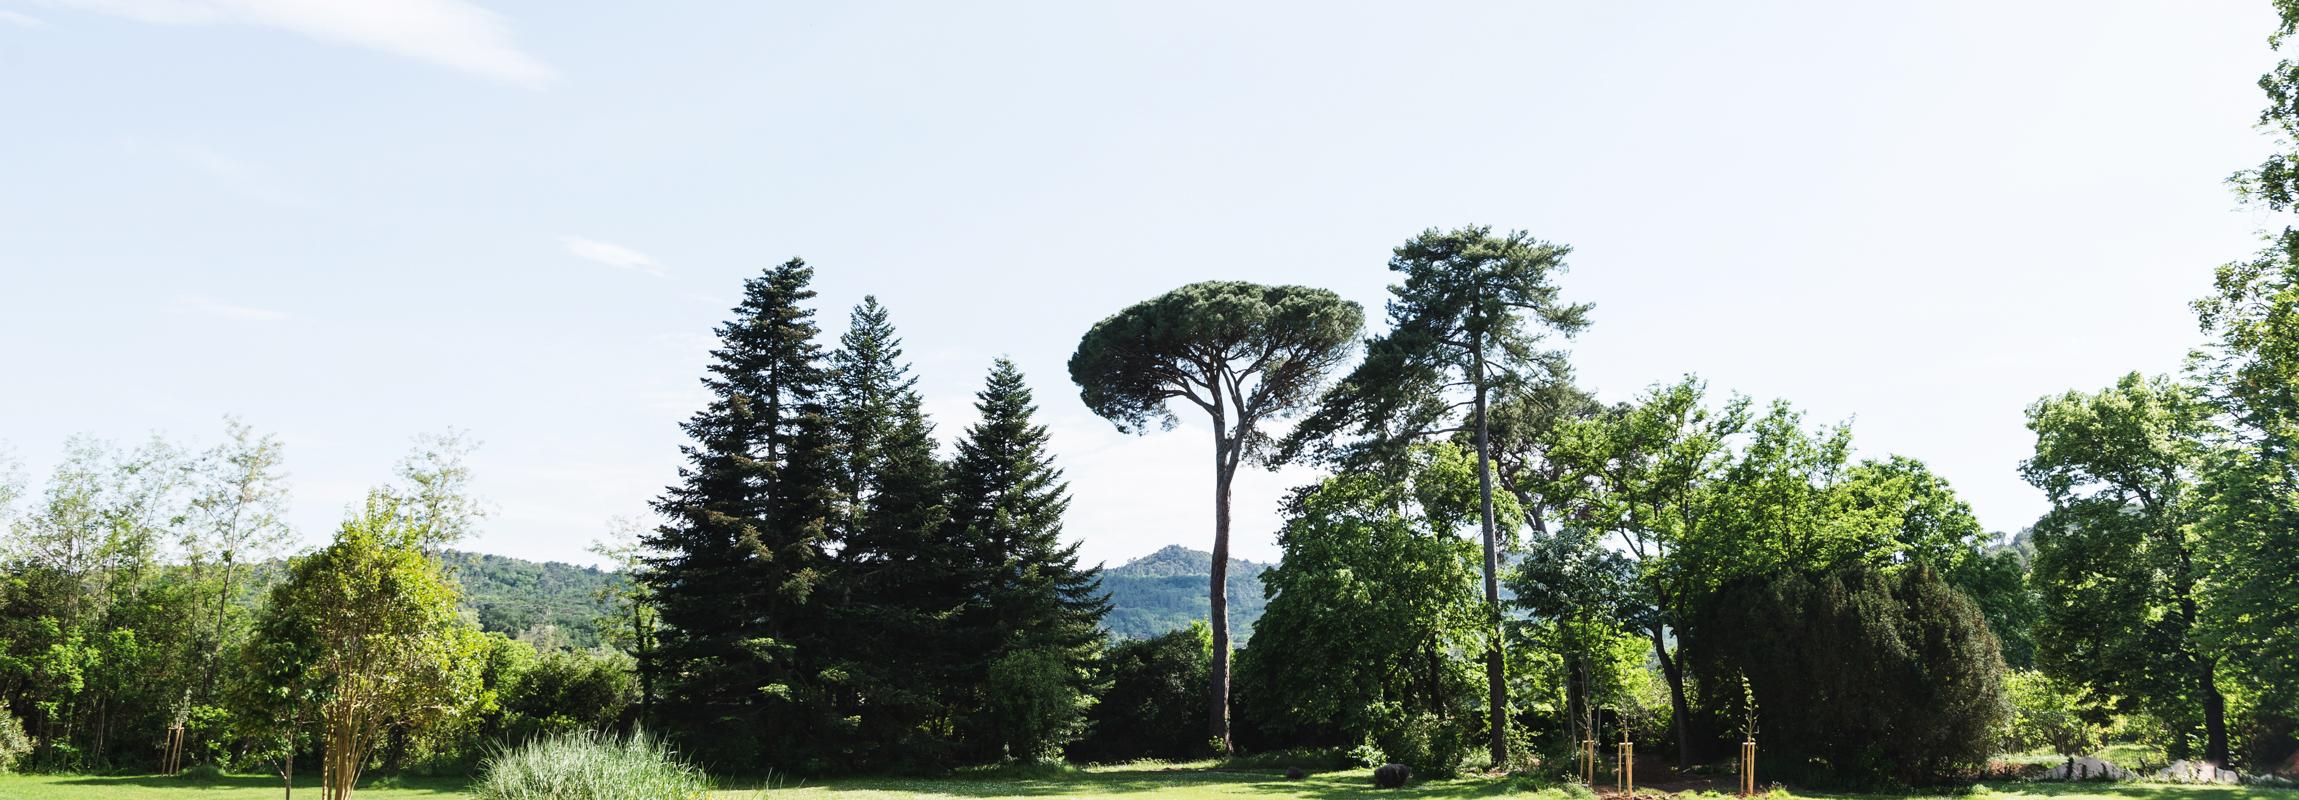 Anciens et nouveaux arbres forment l'inventaire d'un lieu magique - le parc de l'Hôtel Château de Montcaud, Provence, Sud de la France.